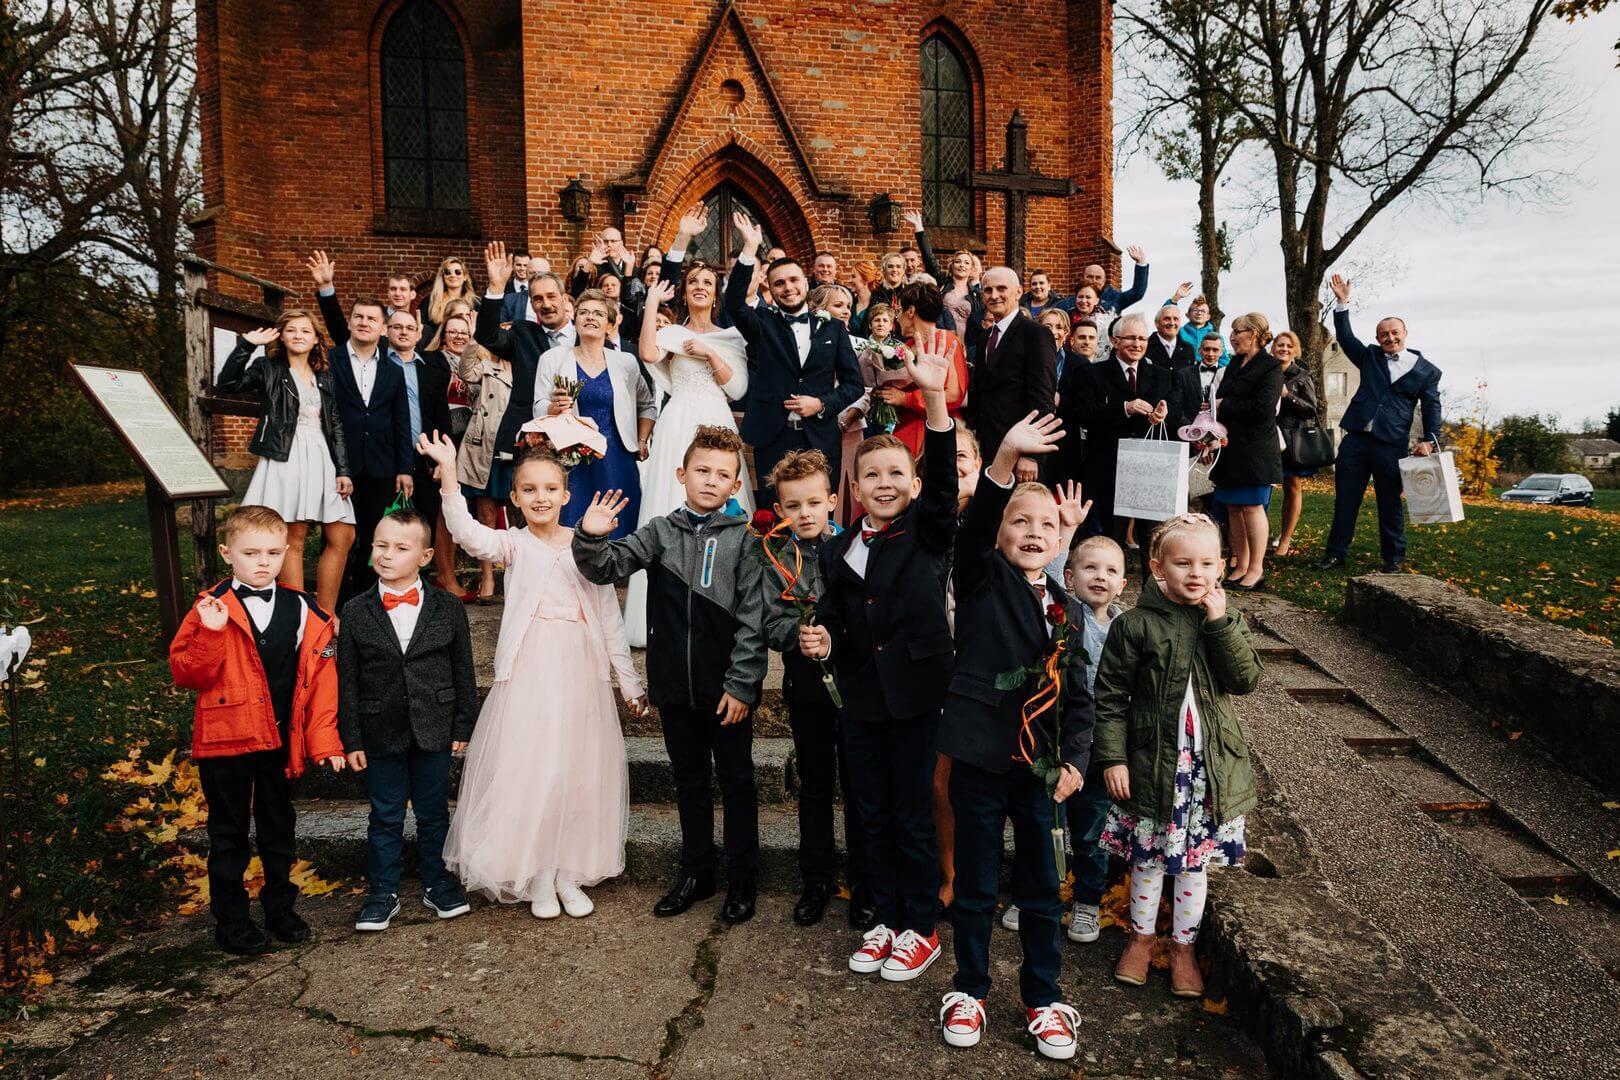 Zdjęcia grupowe na weselu. fotograf Szpakowicz Aleksander Gdańsk, Trójmiasto - szpakowicz-studio.pl 2